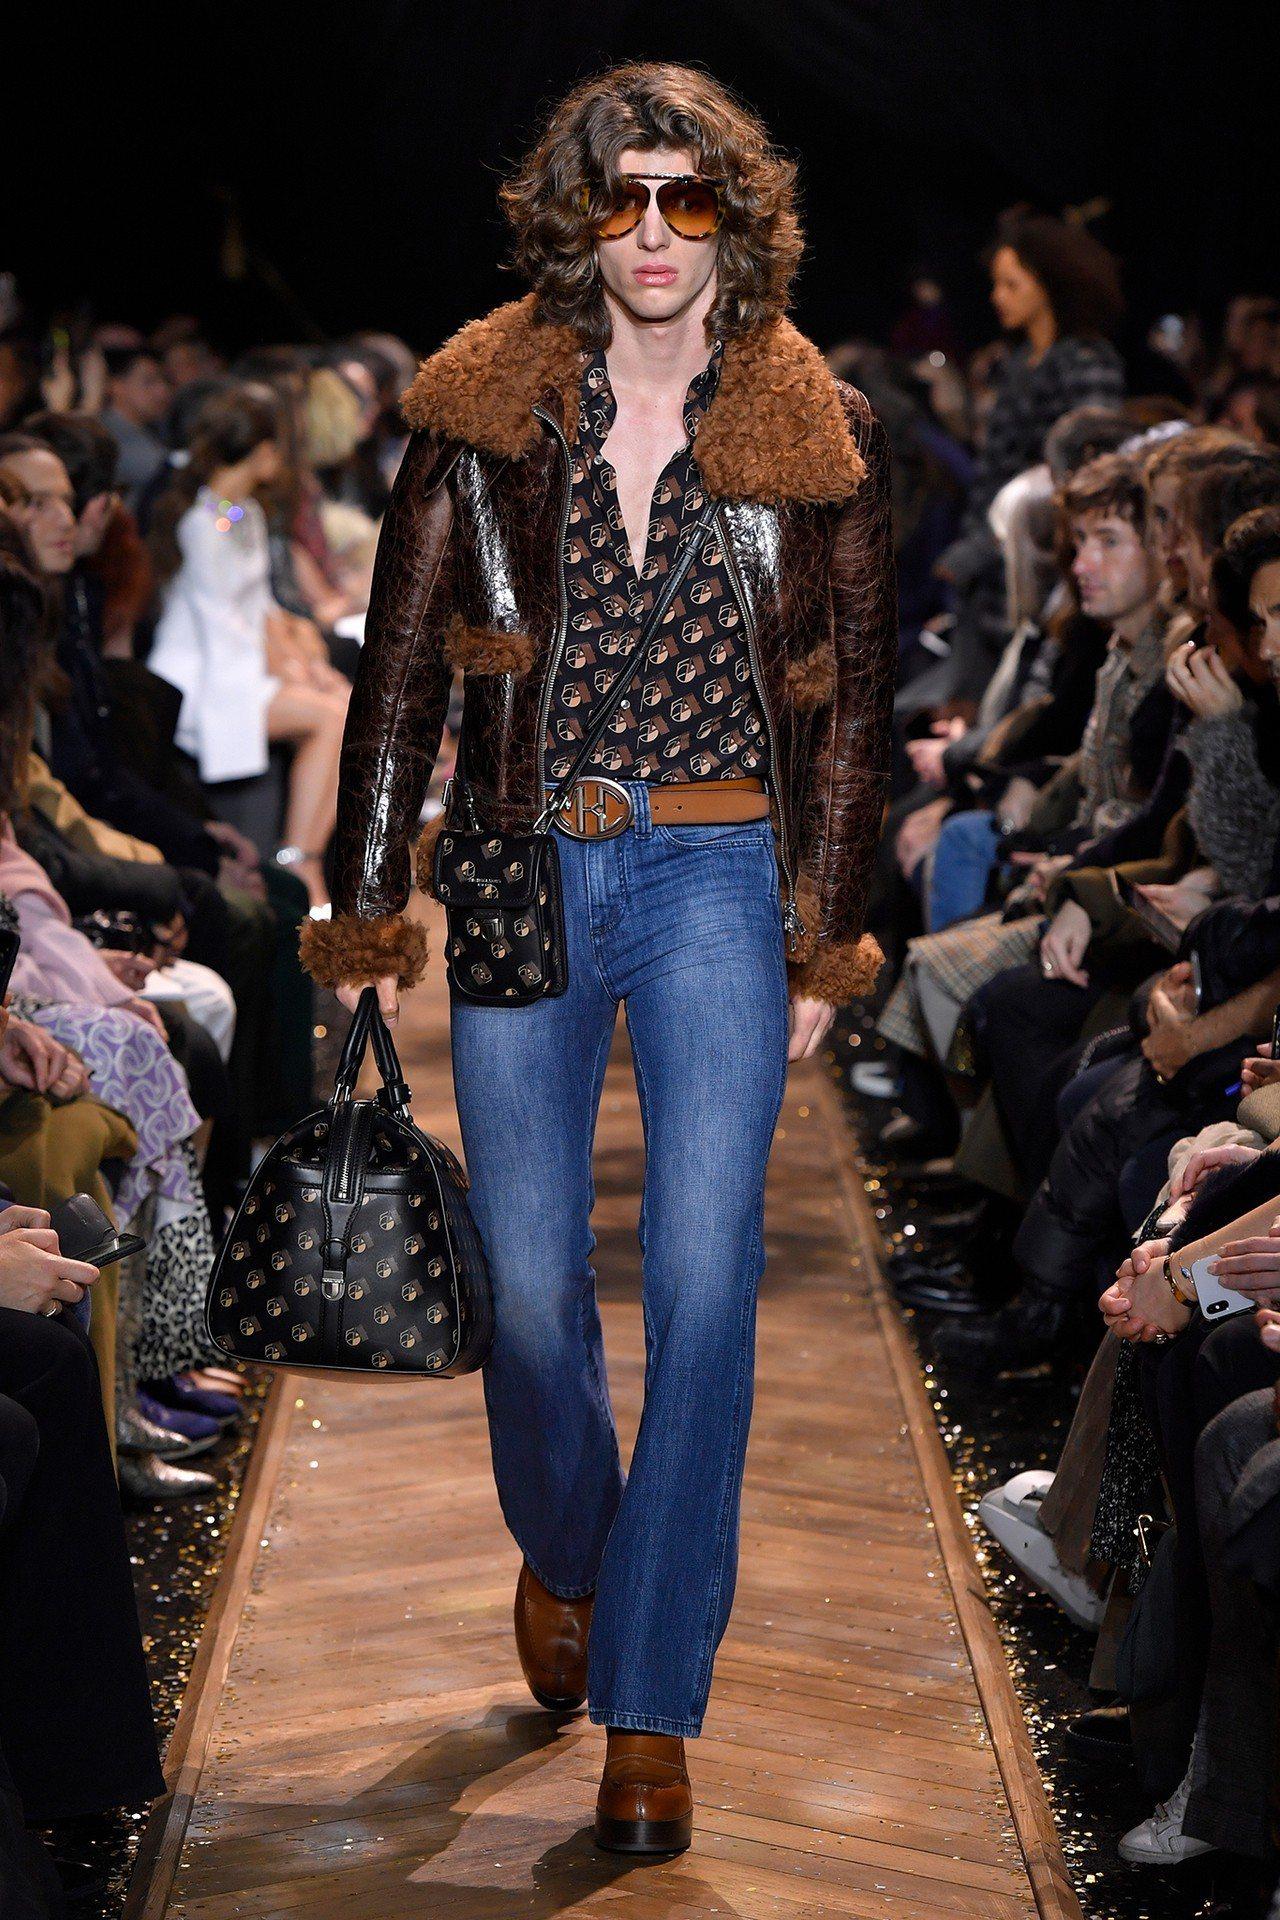 傳奇夜店Studio 54的字樣成為皮革外套和包款的印花。圖/MICHAEL K...